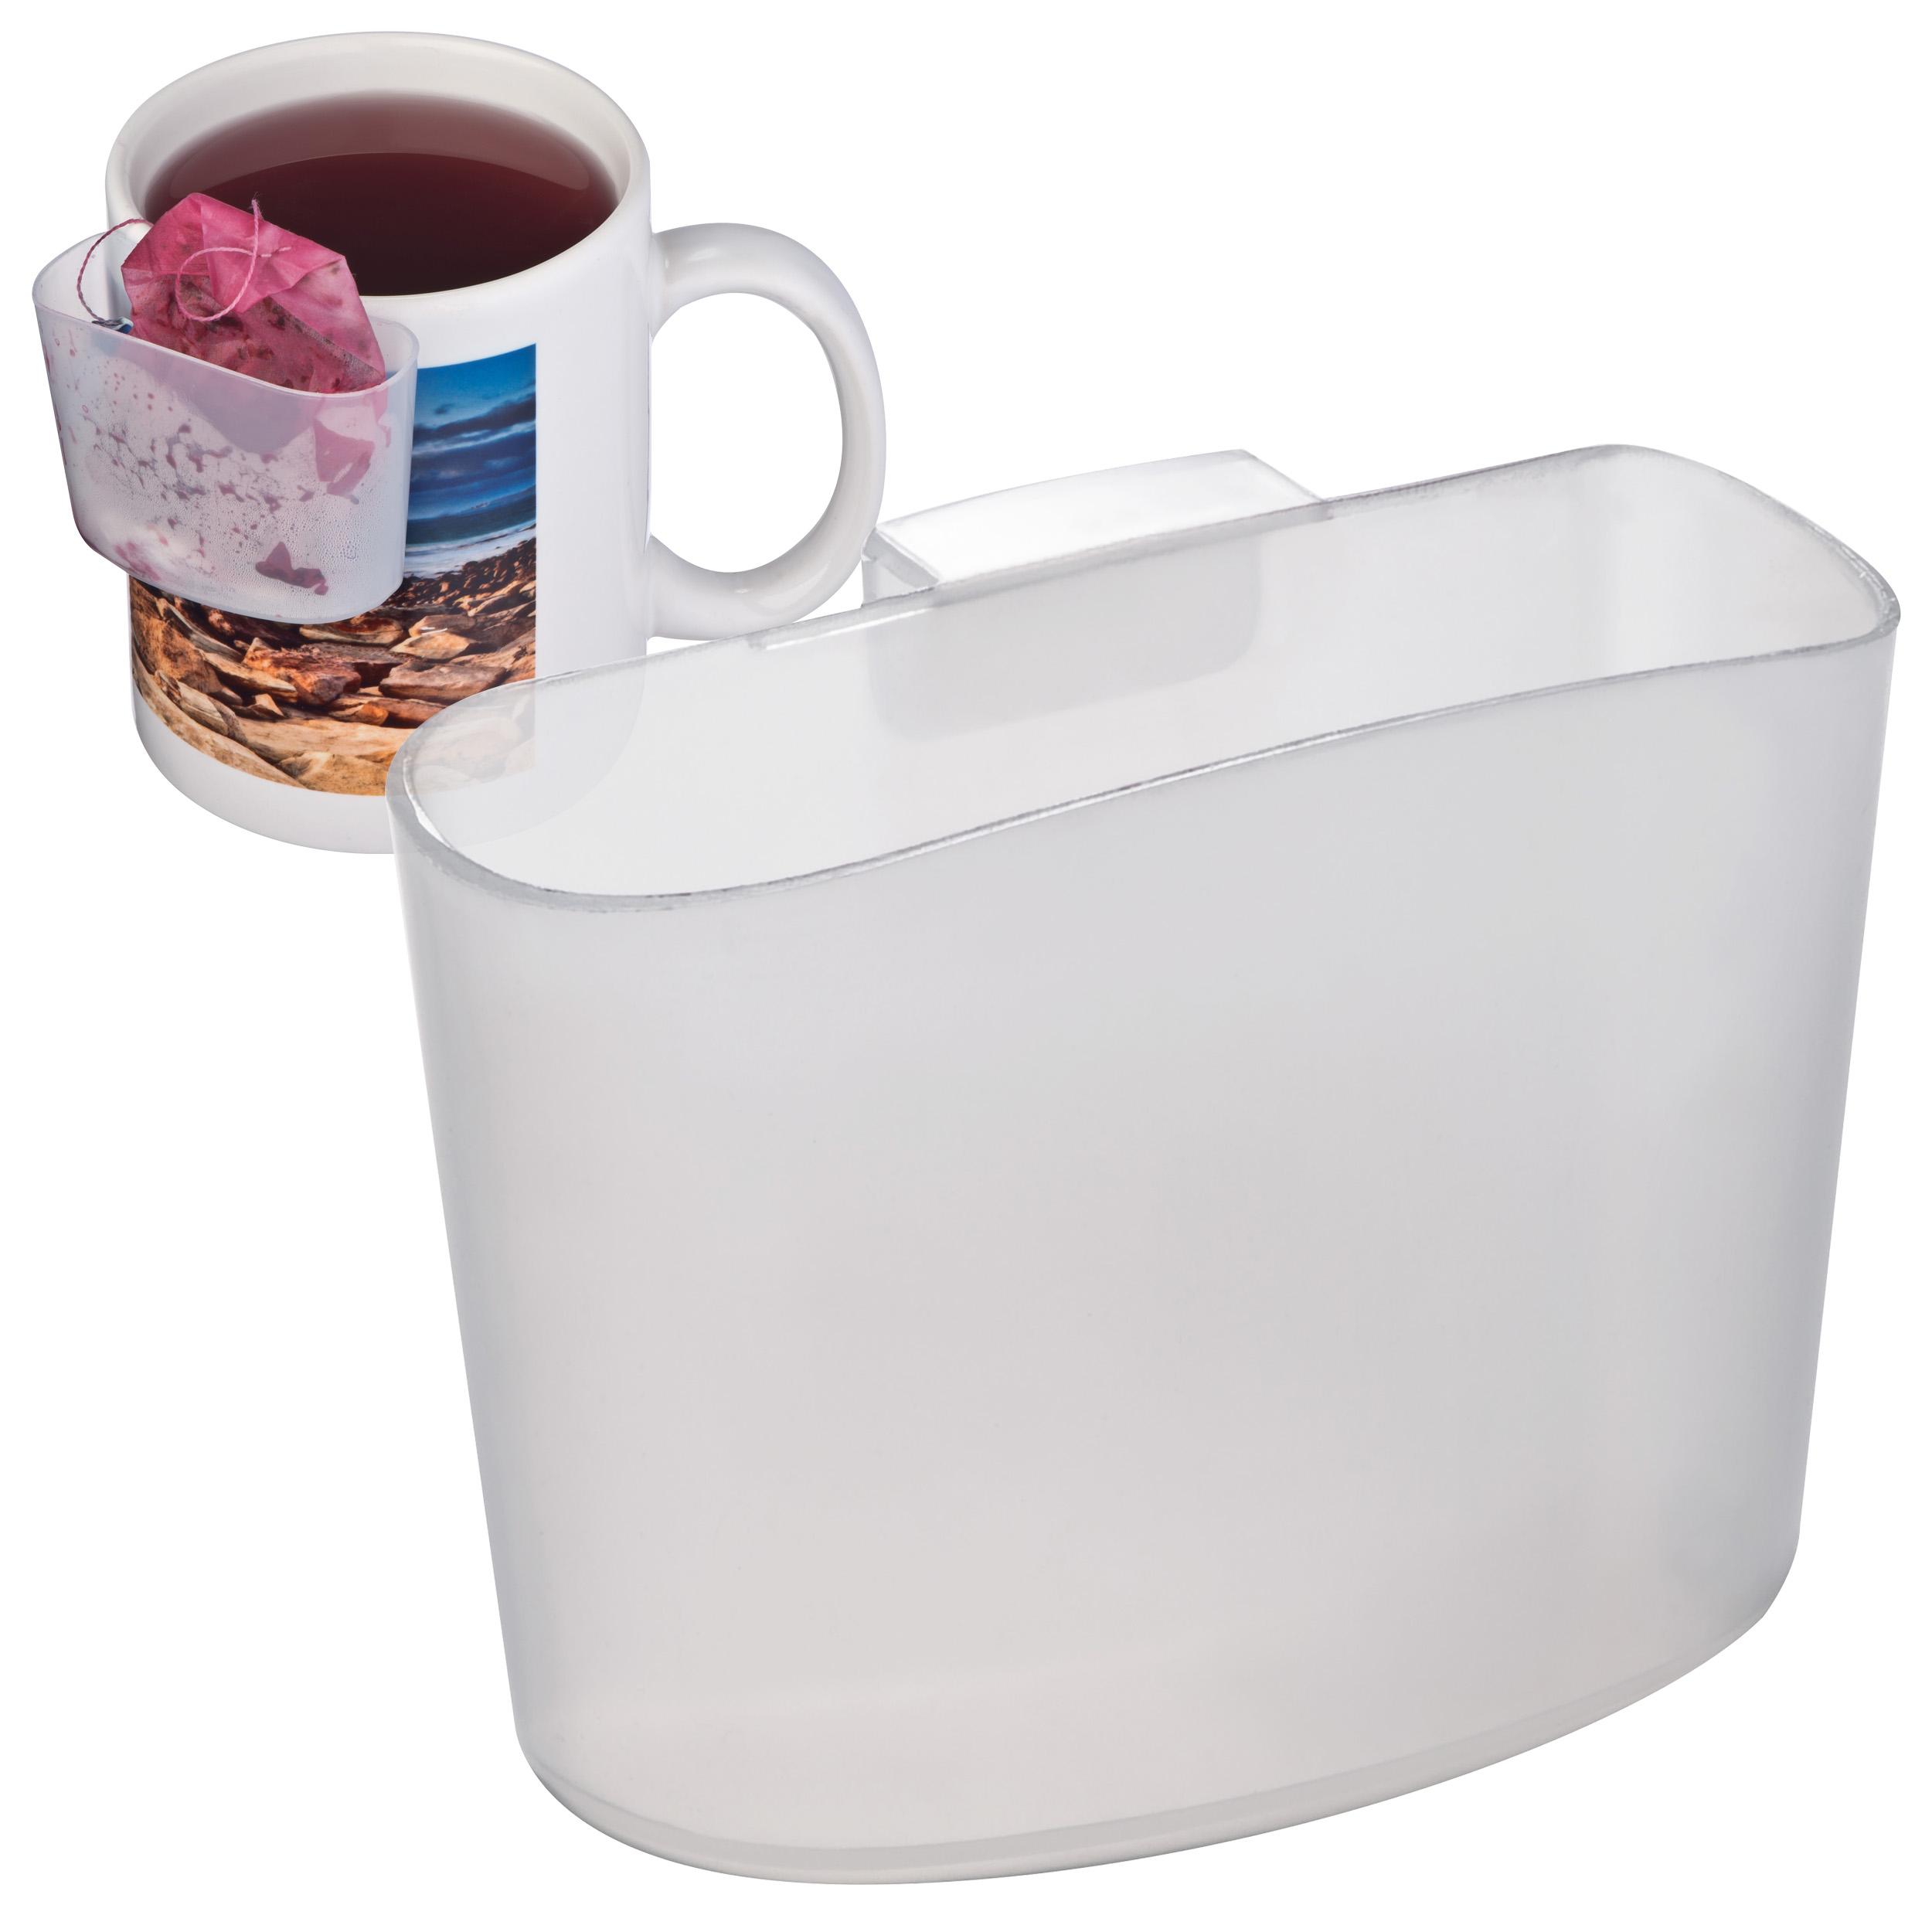 Support pour sachet de thé